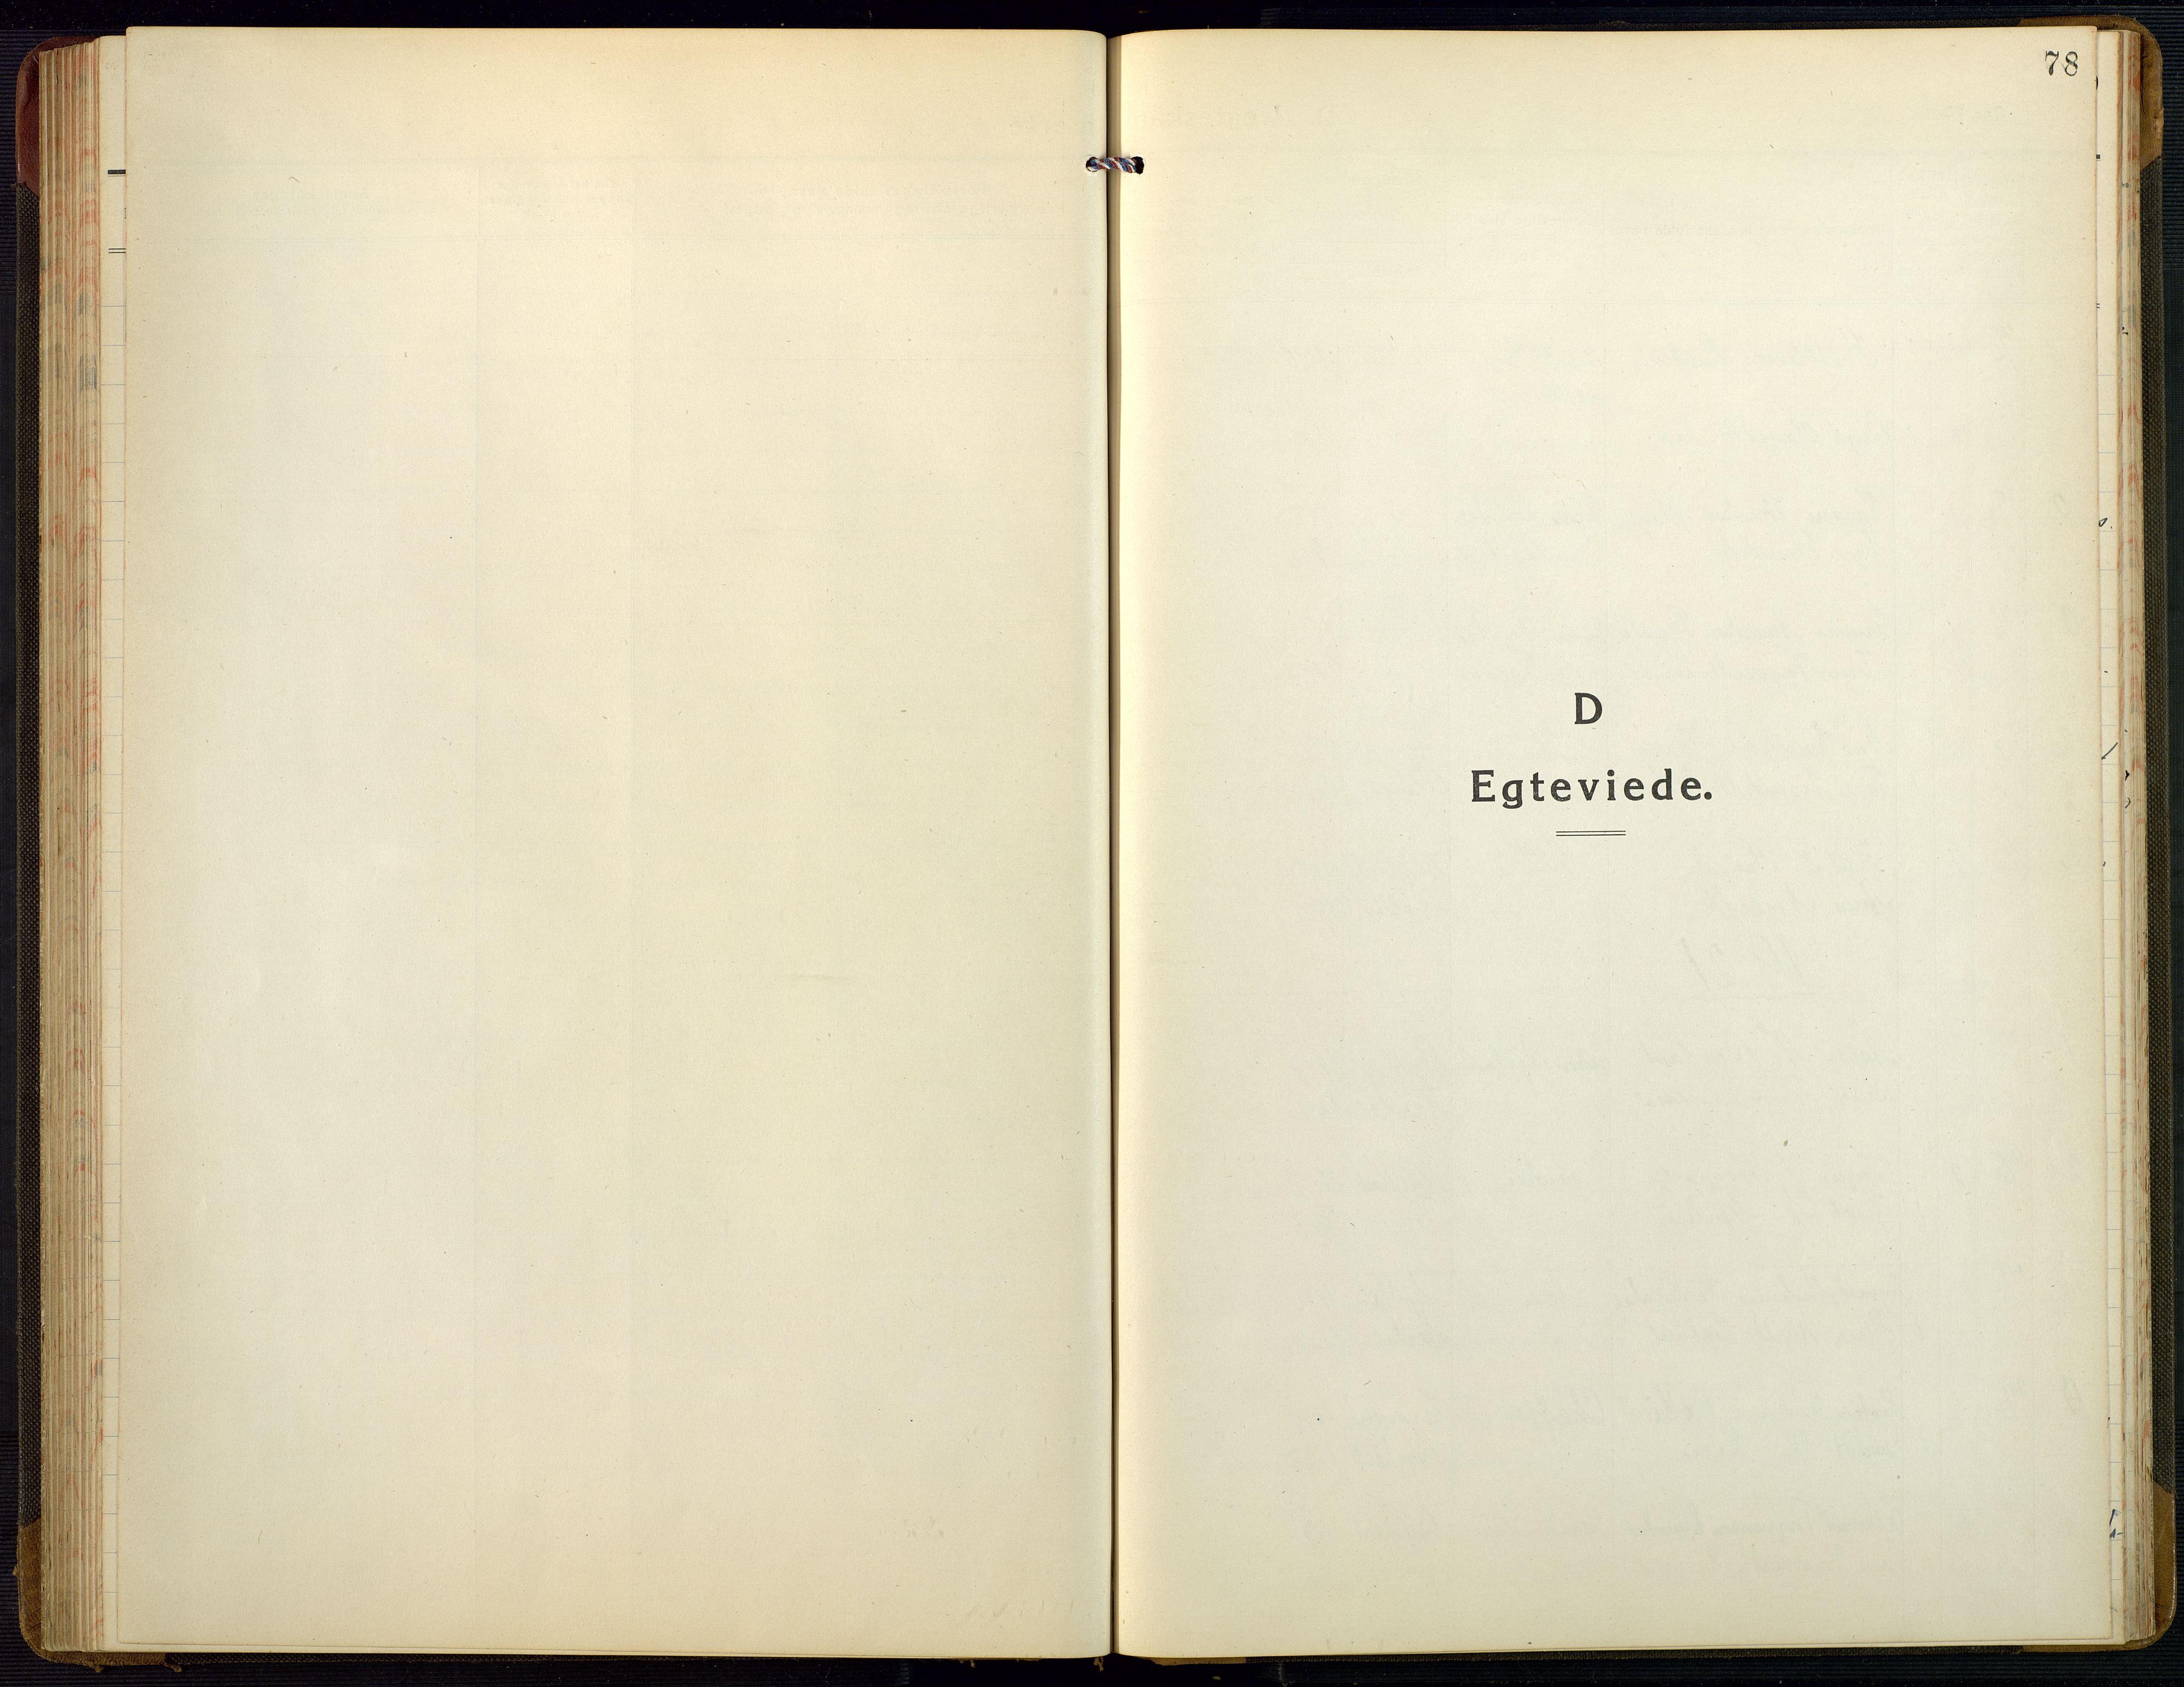 SAK, Bygland sokneprestkontor, F/Fb/Fbb/L0005: Klokkerbok nr. B 5, 1920-1955, s. 78